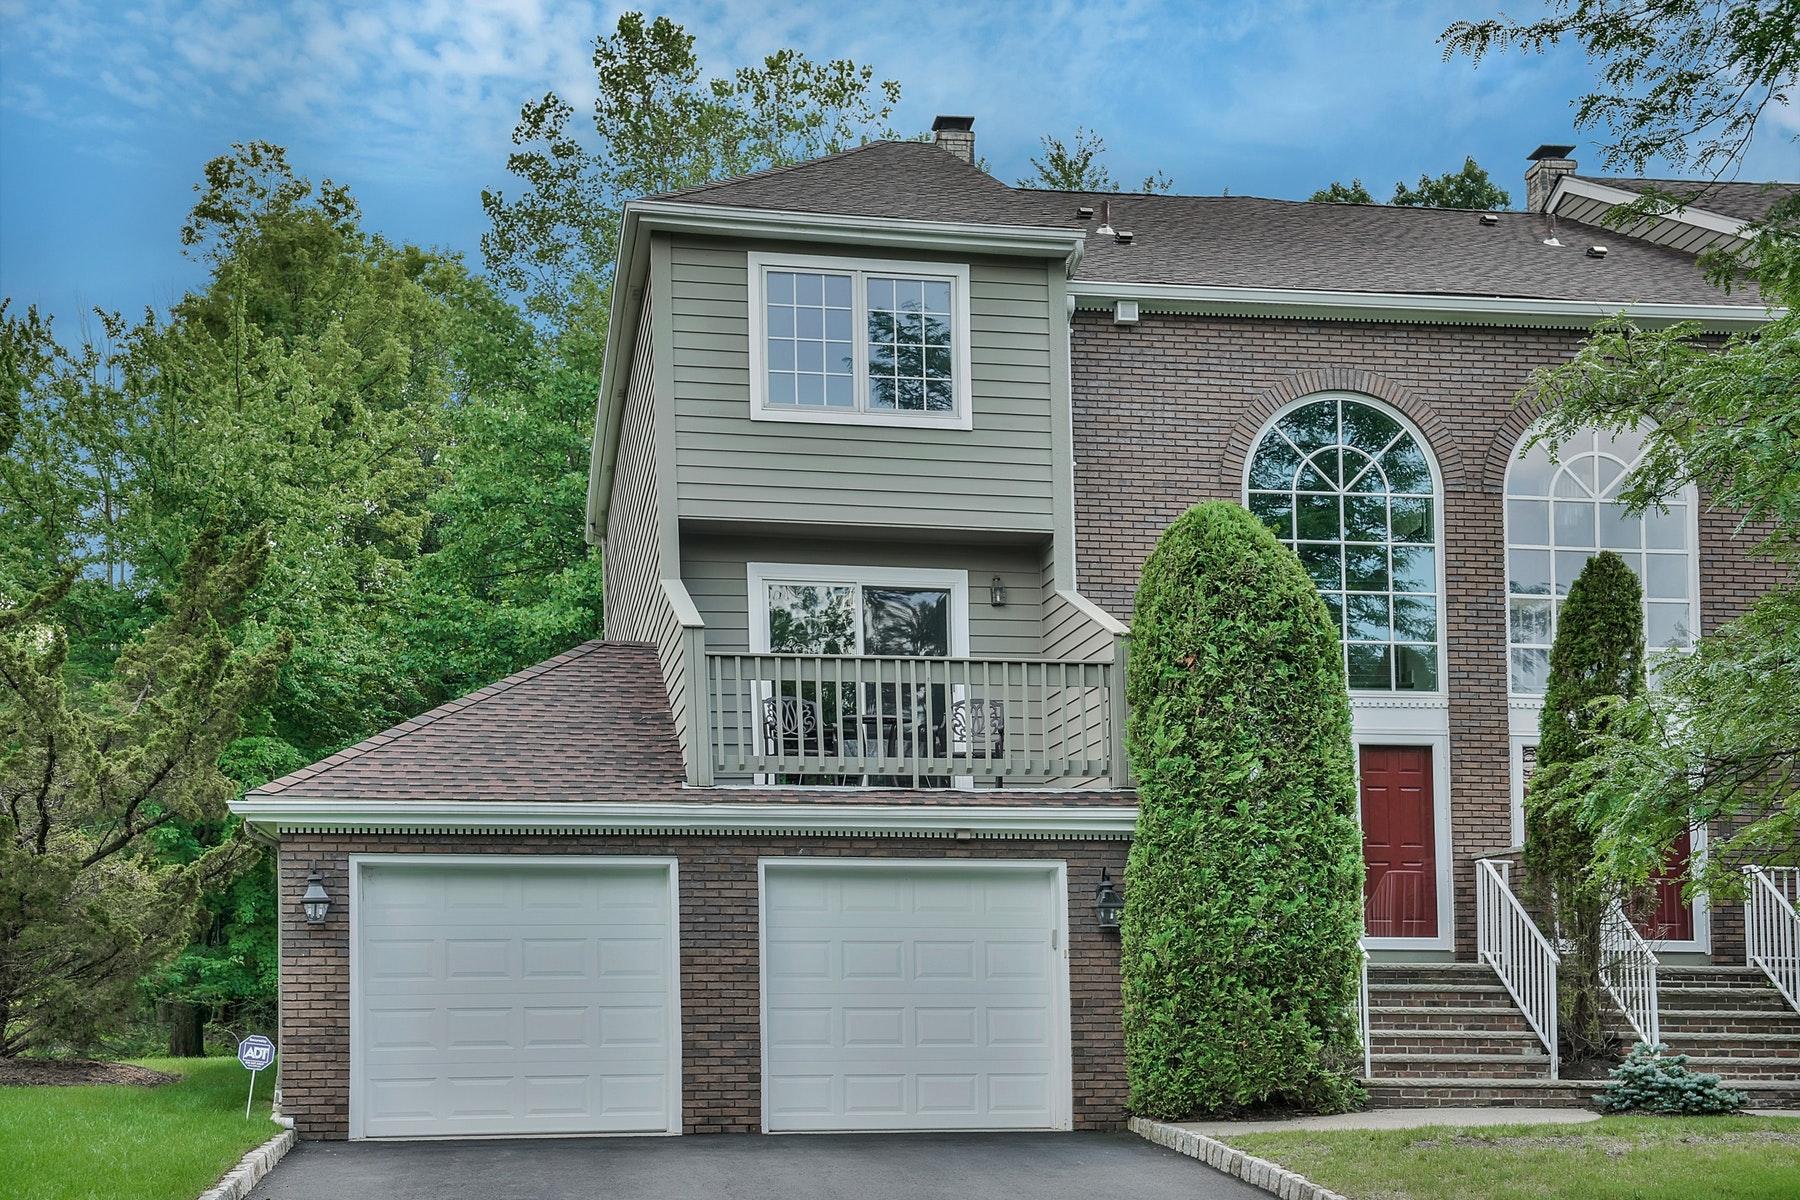 联栋屋 为 出租 在 2 20 Dorset Circle Caldwell, 新泽西州 07006 美国